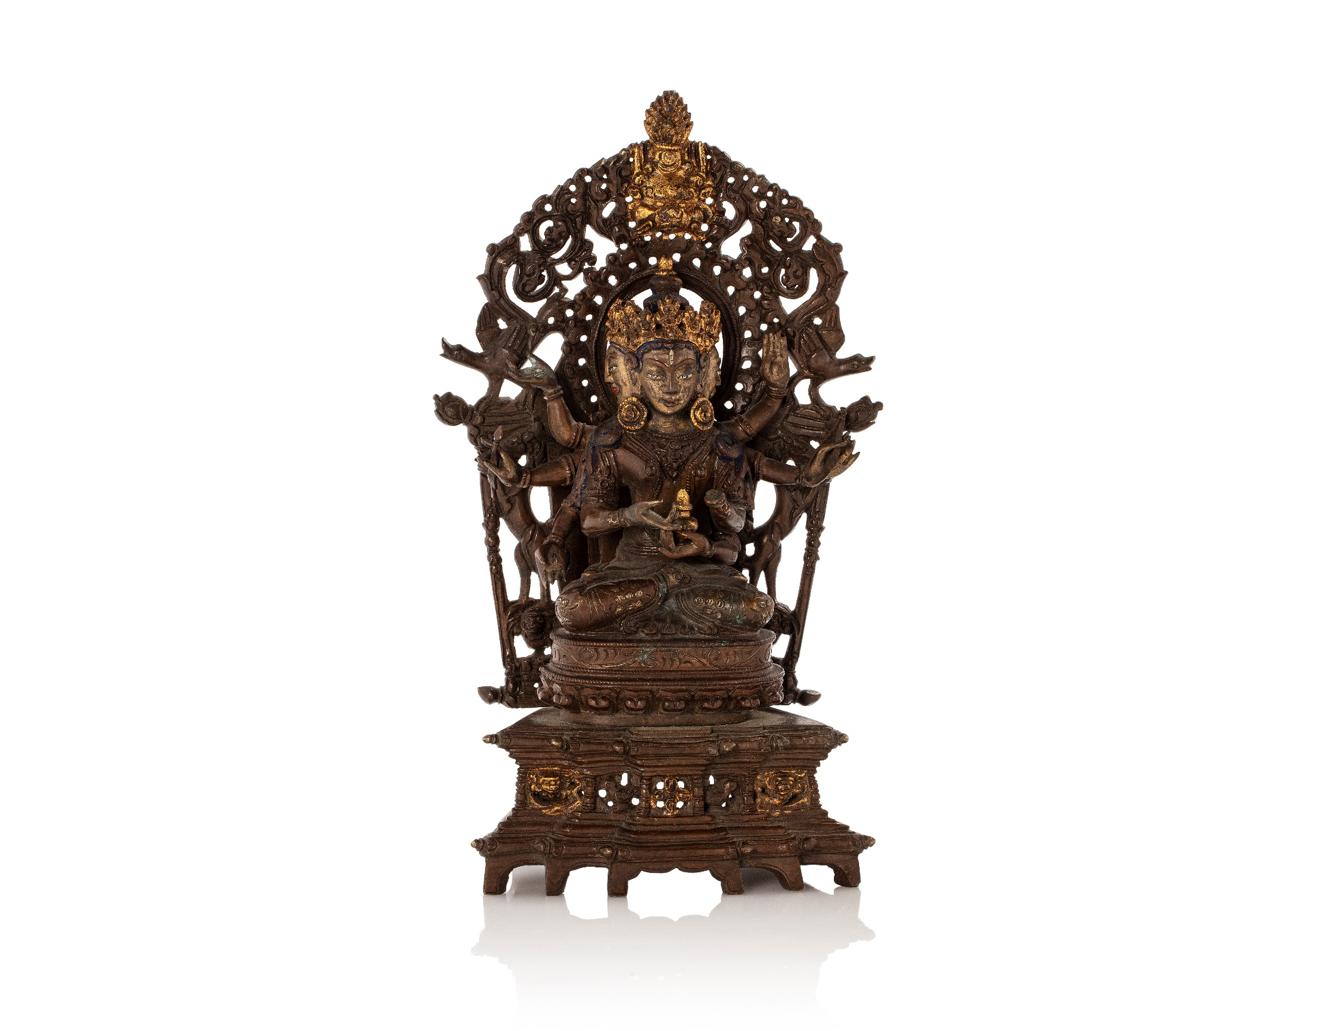 中国西藏二十世纪 铜鎏金尊胜菩萨像 - H. 22,5 cm - 估价 2500-3000€